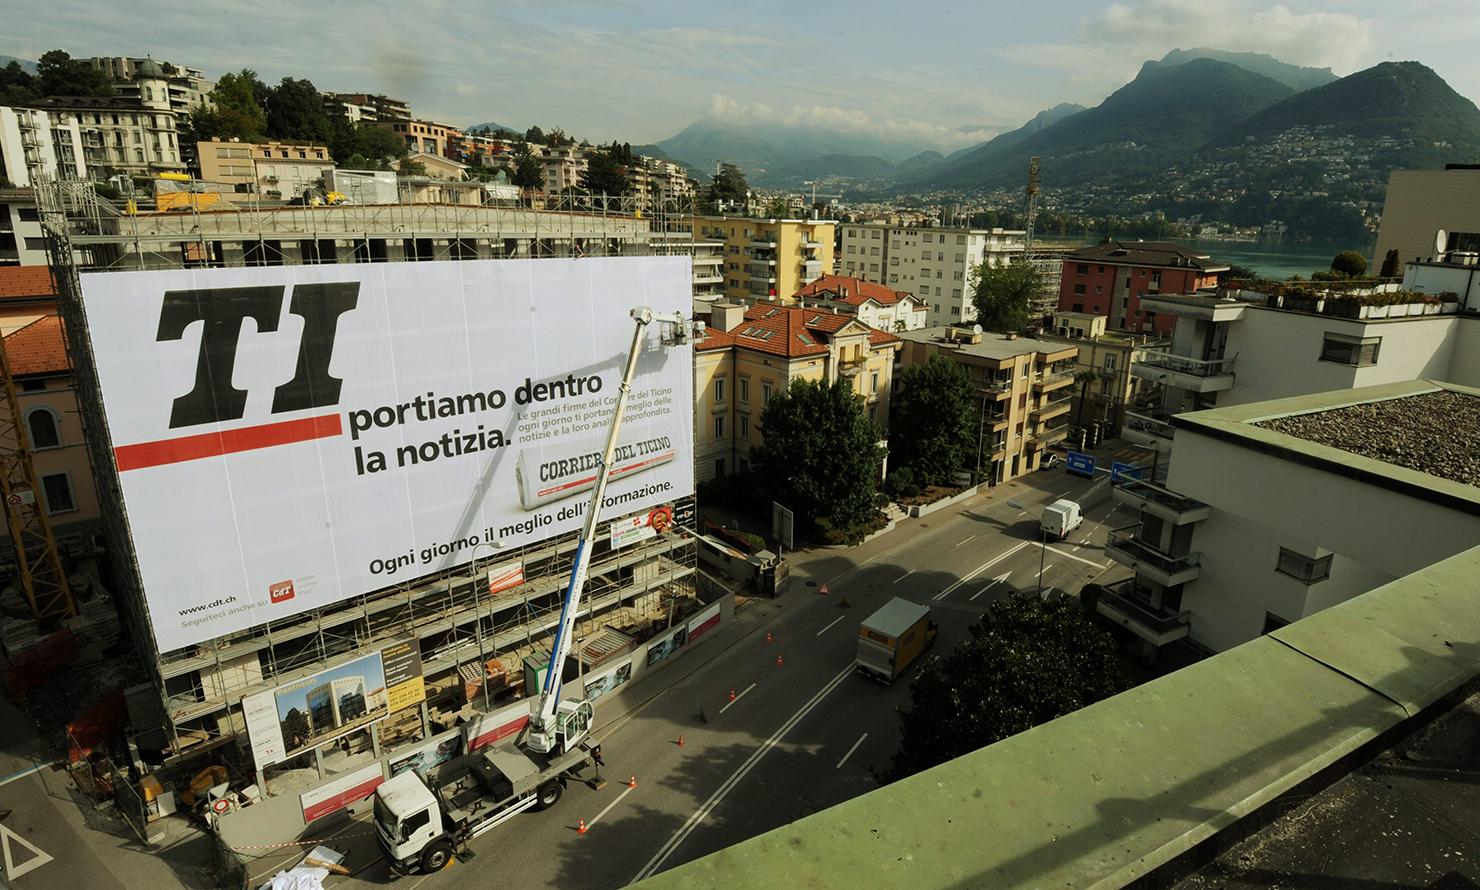 https://www.kubelibre.com/uploads/Slider-work-tutti-clienti/corriere-del-ticino-portiamo-dentro-la-notizia-1.jpg